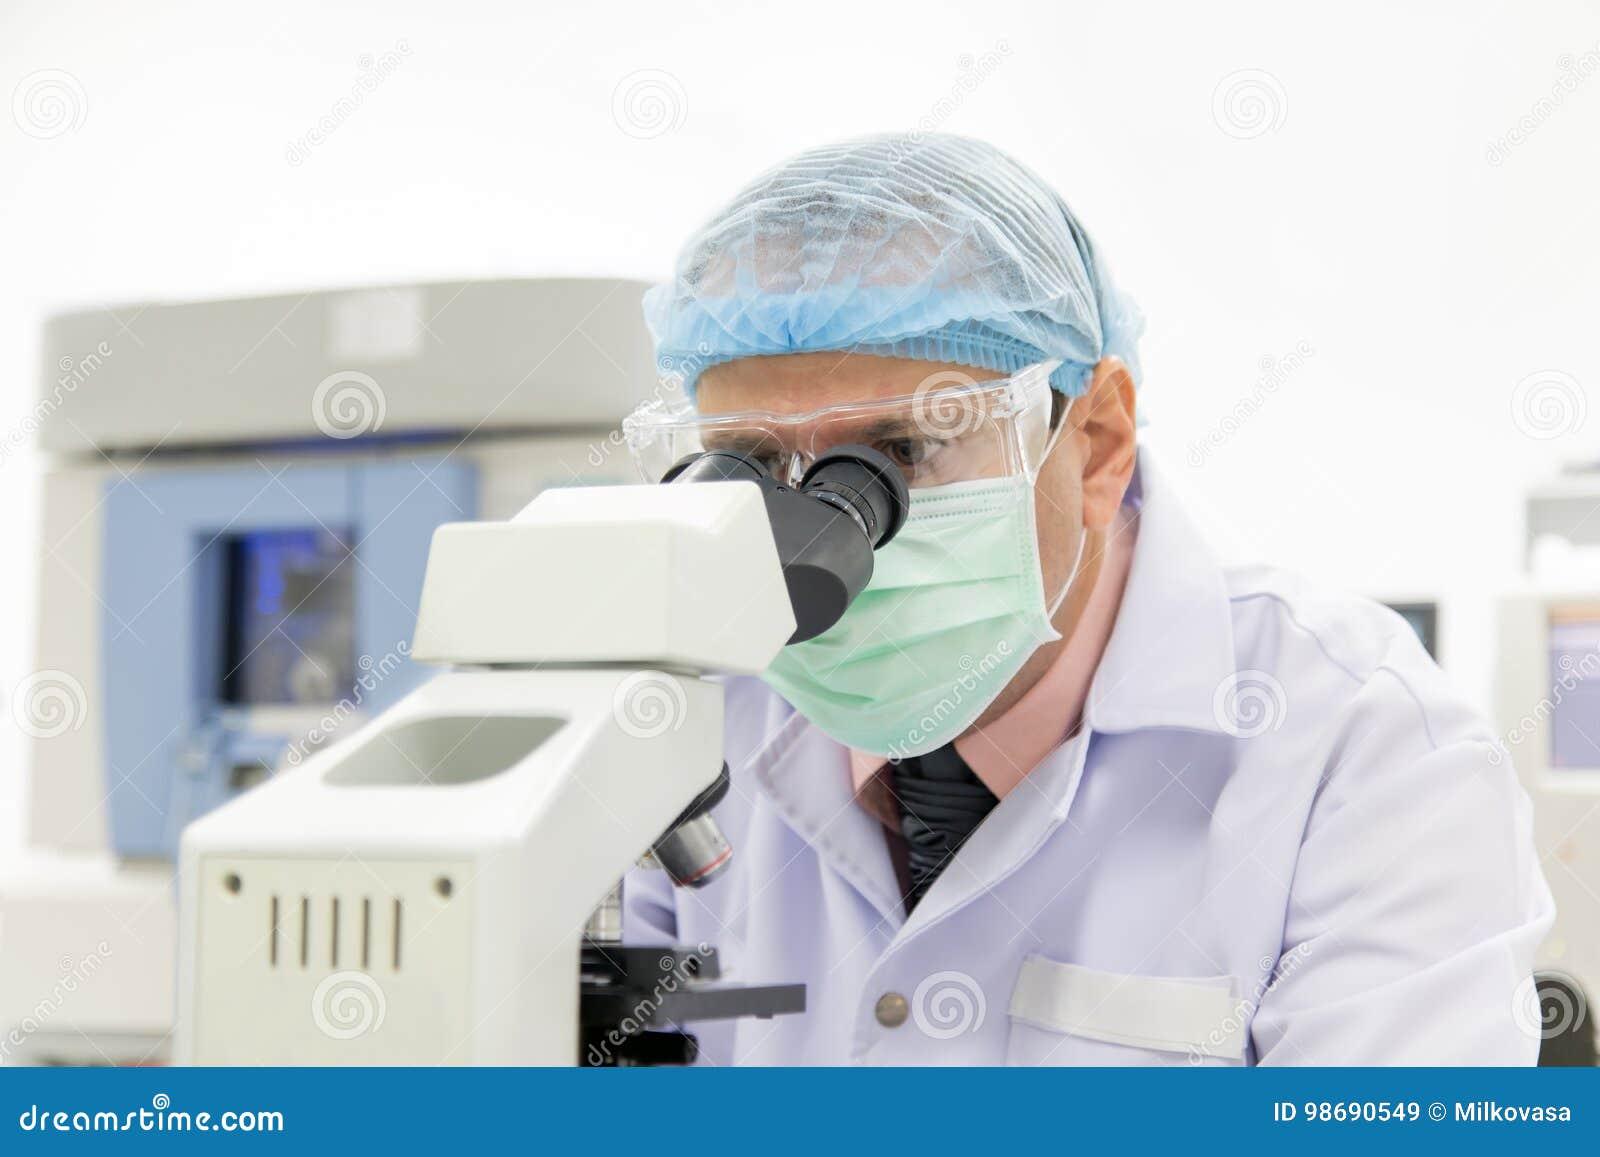 Forscher der mit mikroskop arbeitet stockbild bild von doktor